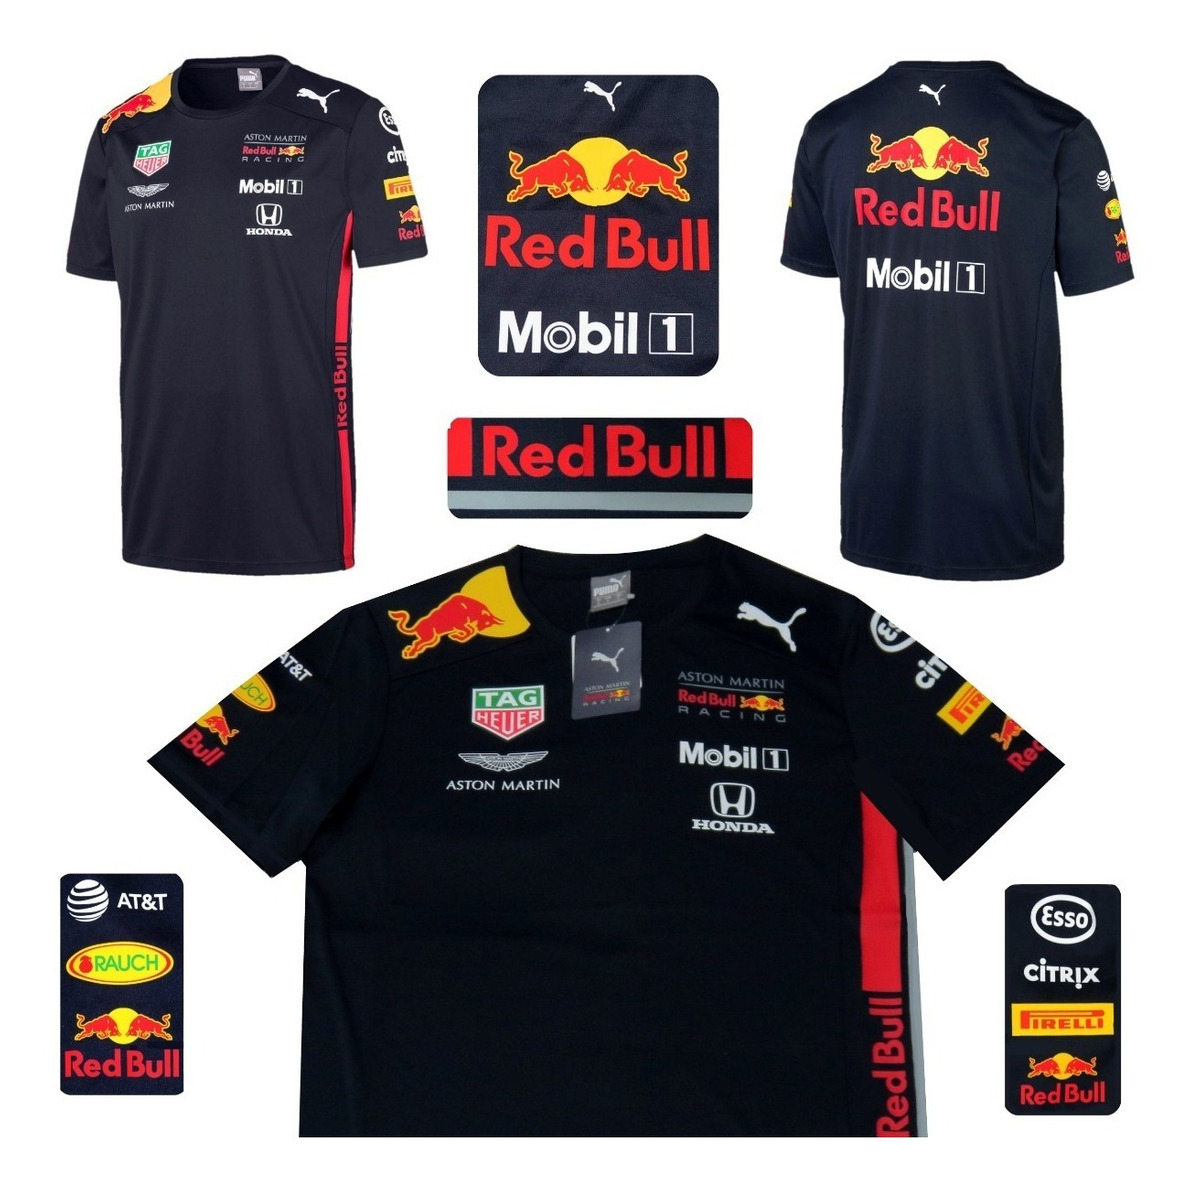 szerokie odmiany świetne dopasowanie sprzedawca hurtowy Playera Red Bull Puma F1 Vestappen Gasly Original Linea 2019